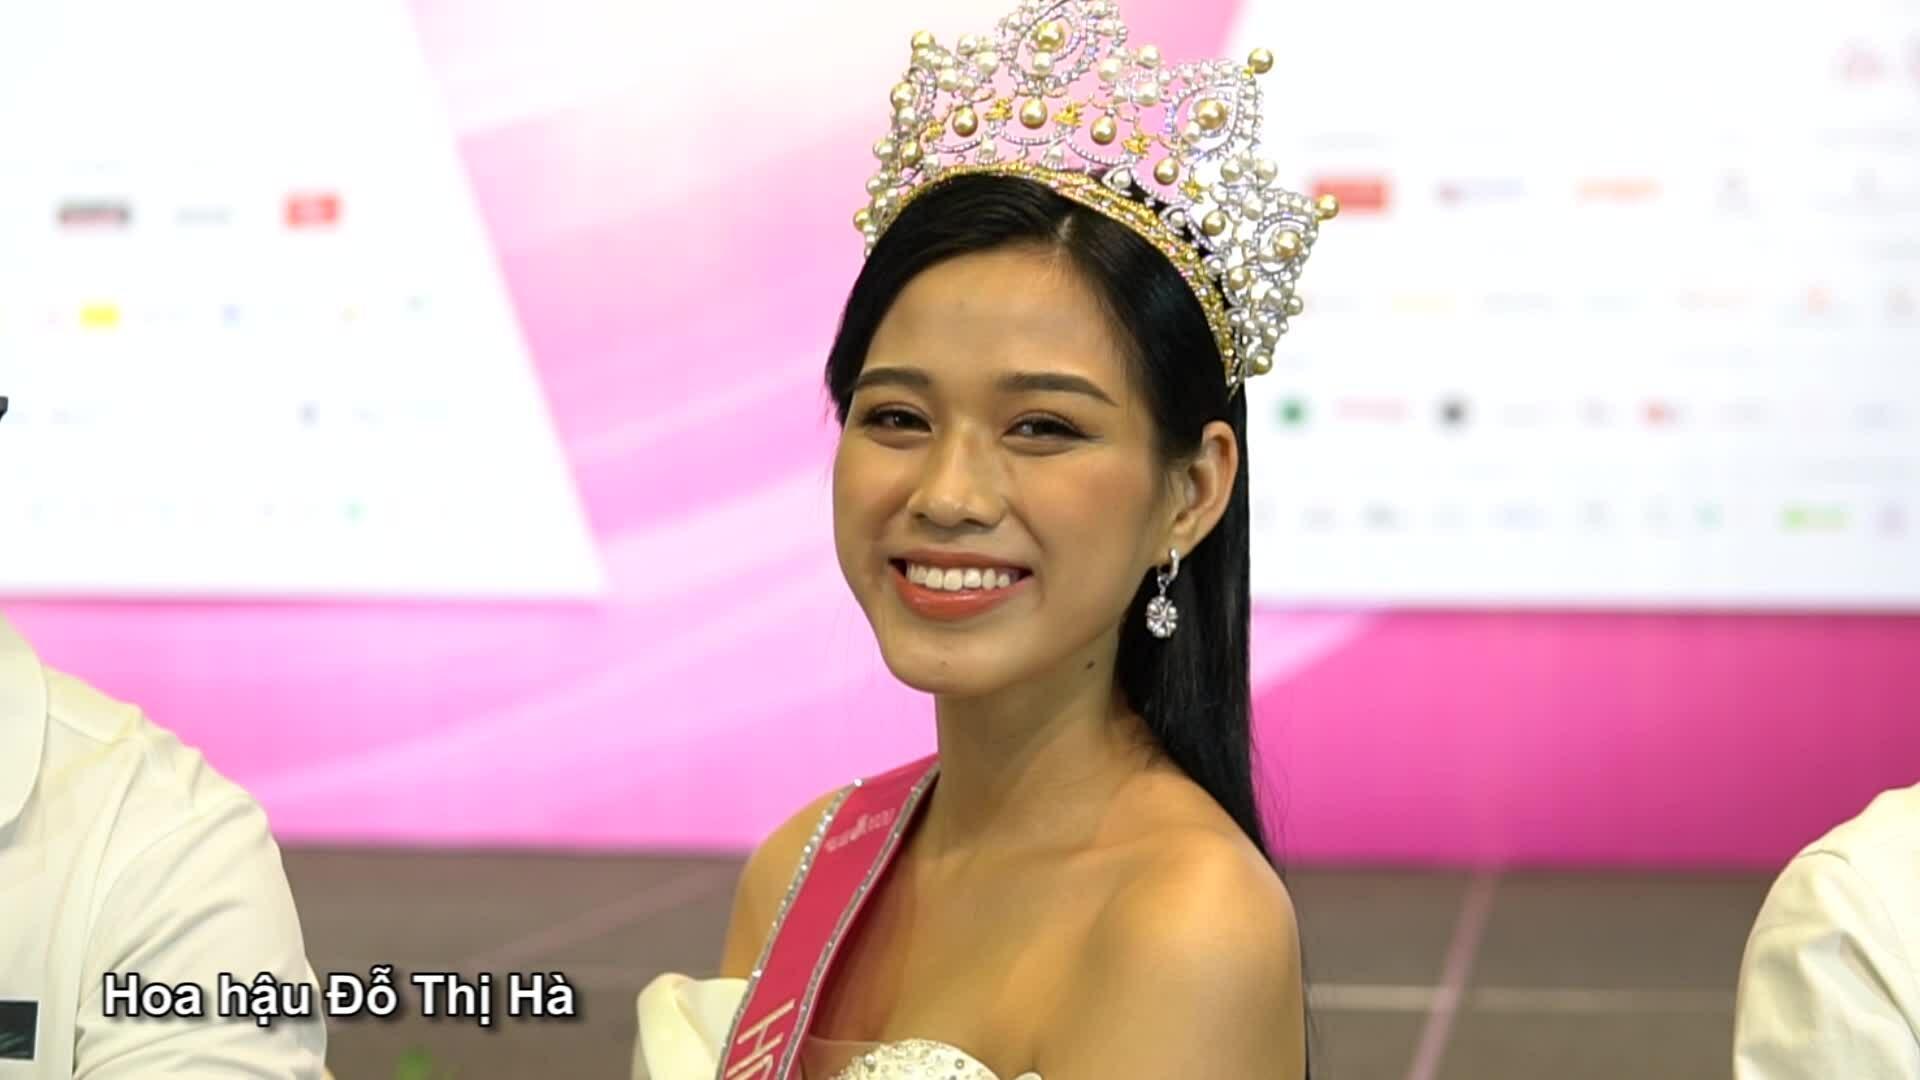 Đỗ Thị Hà: 'Tôi không phải là gu hoa hậu của nhiều người'